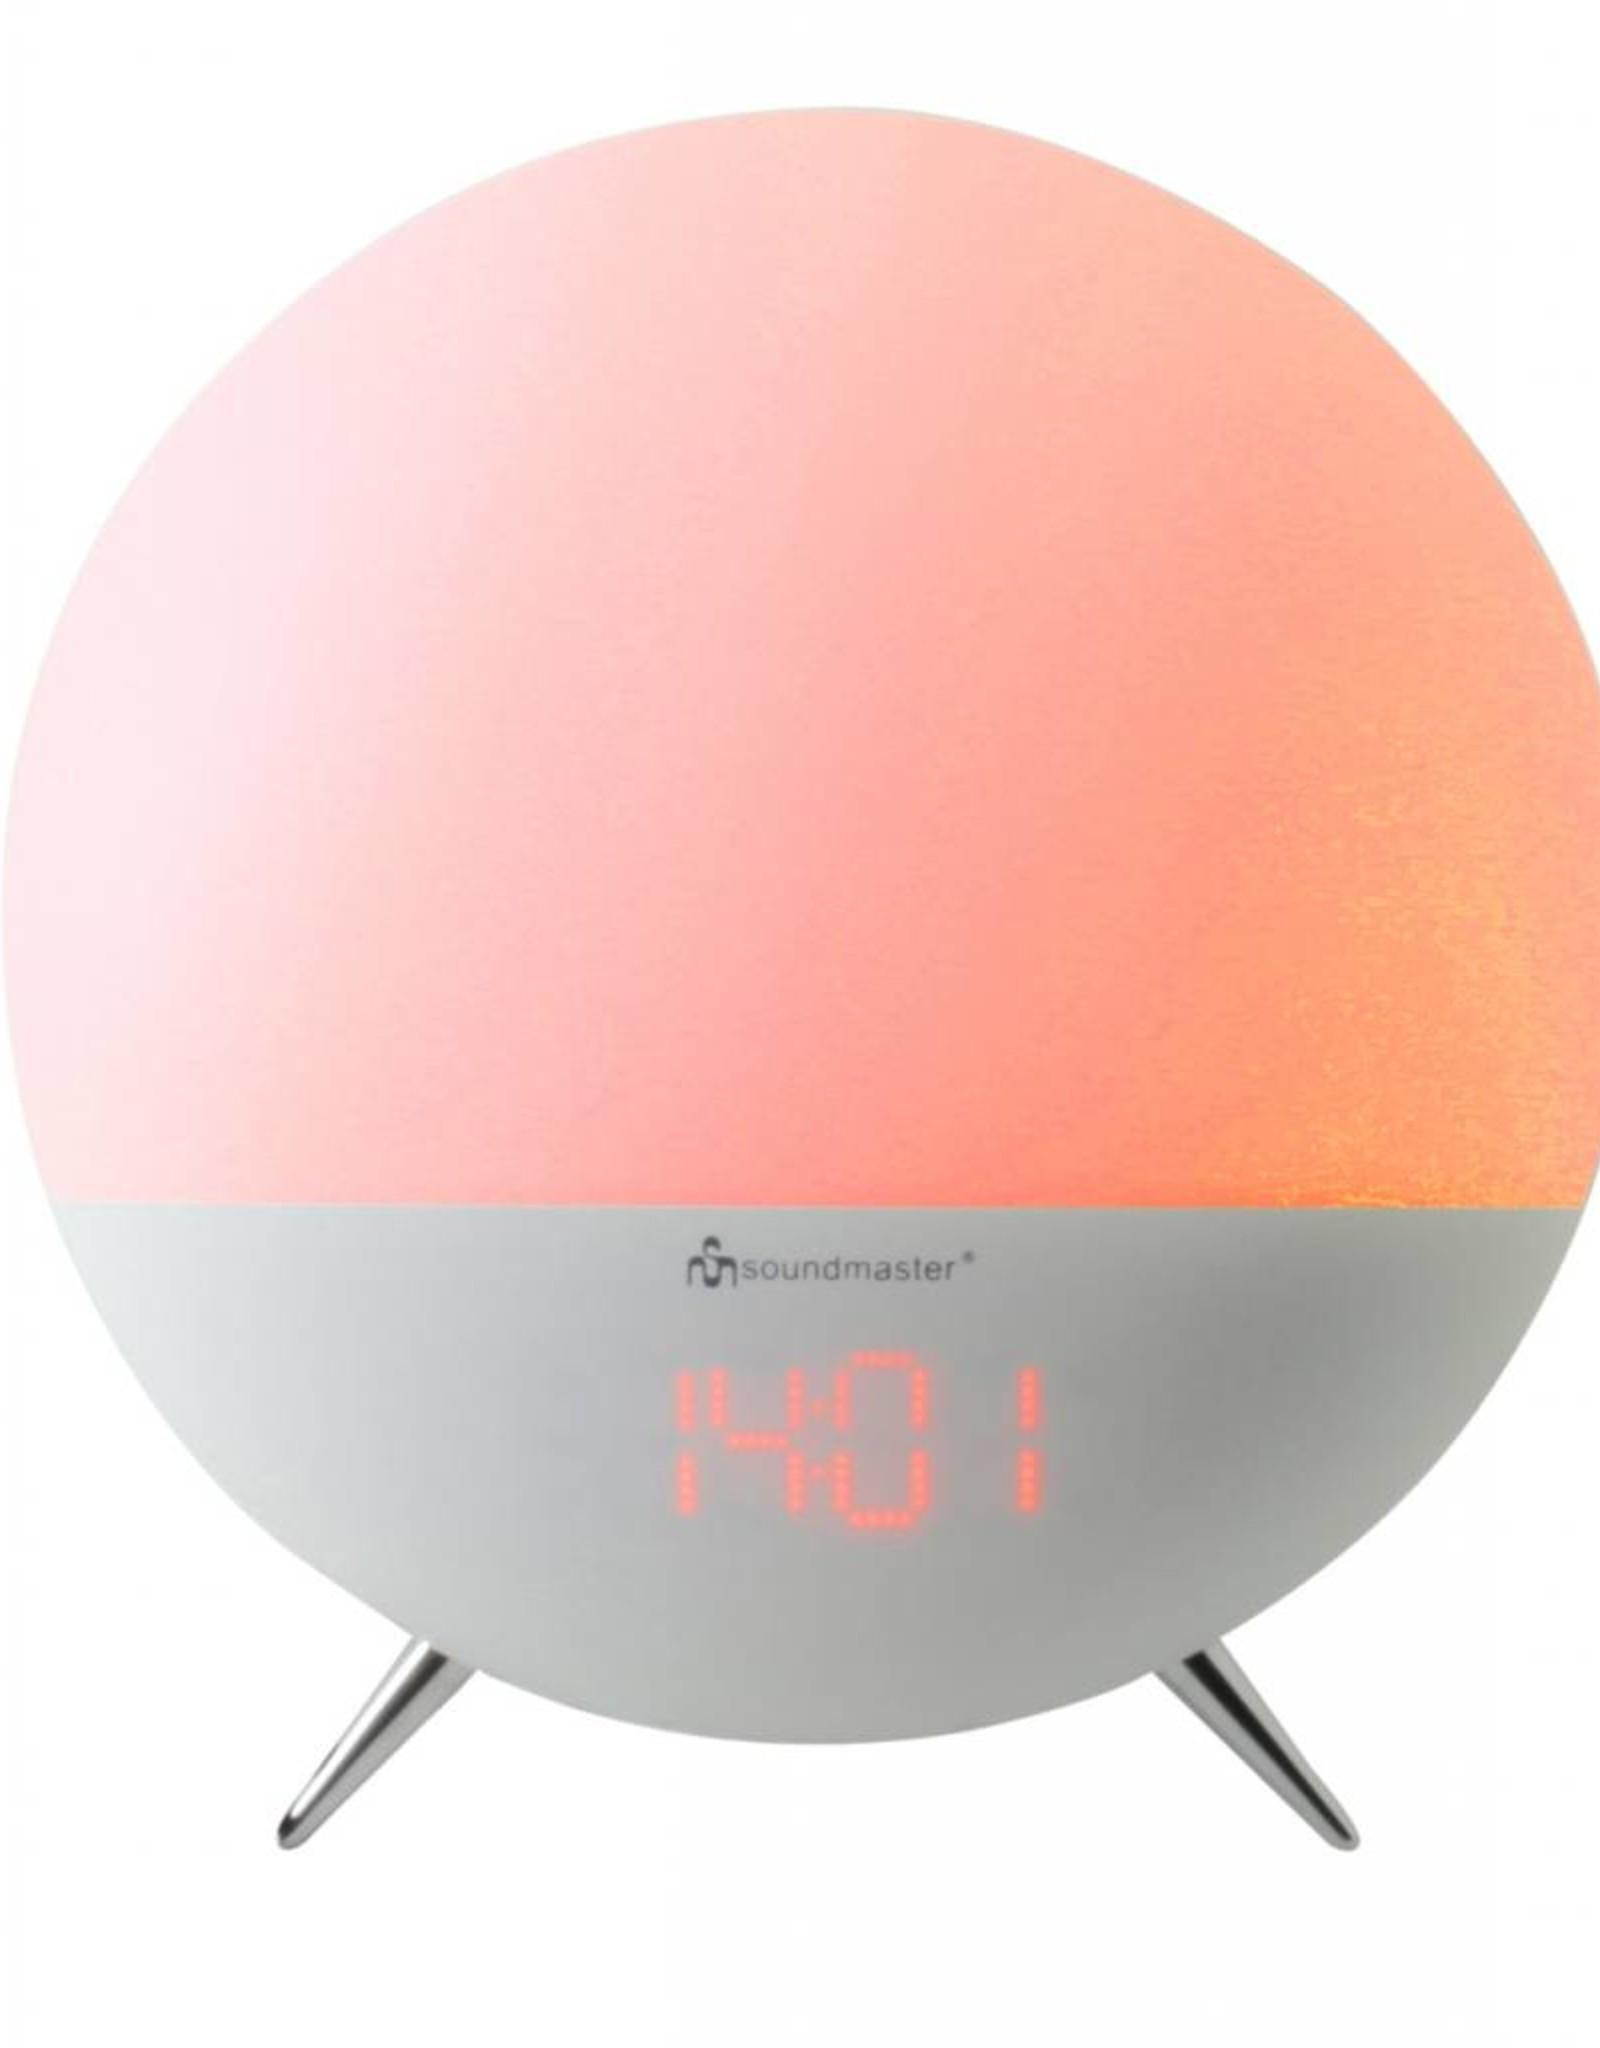 Soundmaster Wekkerradio UR220WE